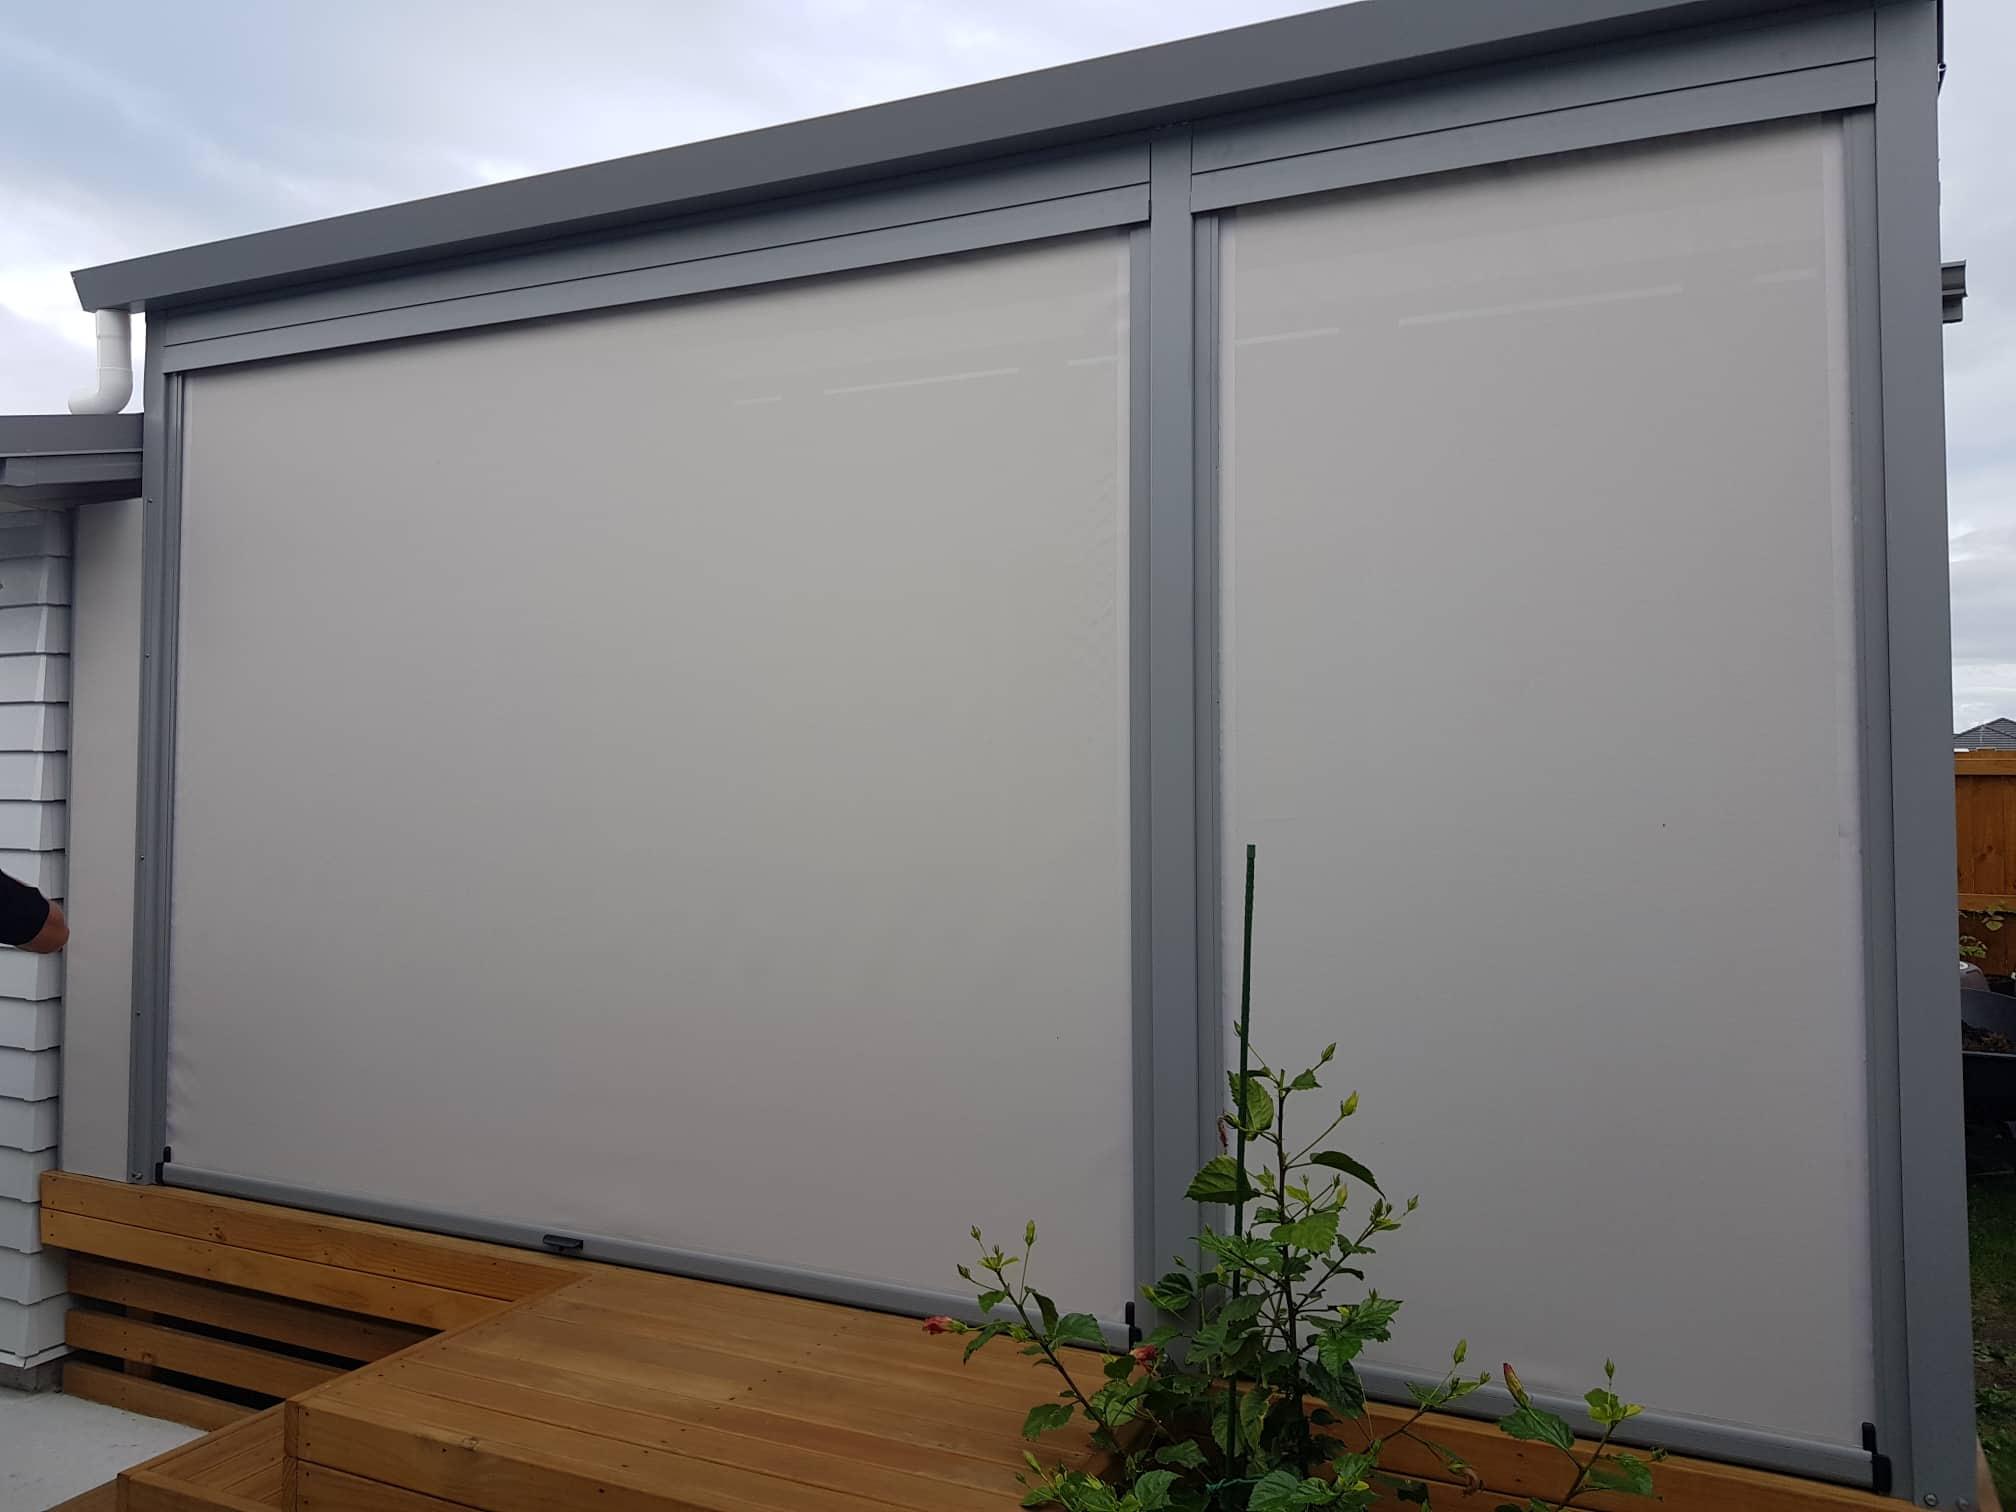 ziptrak blinds